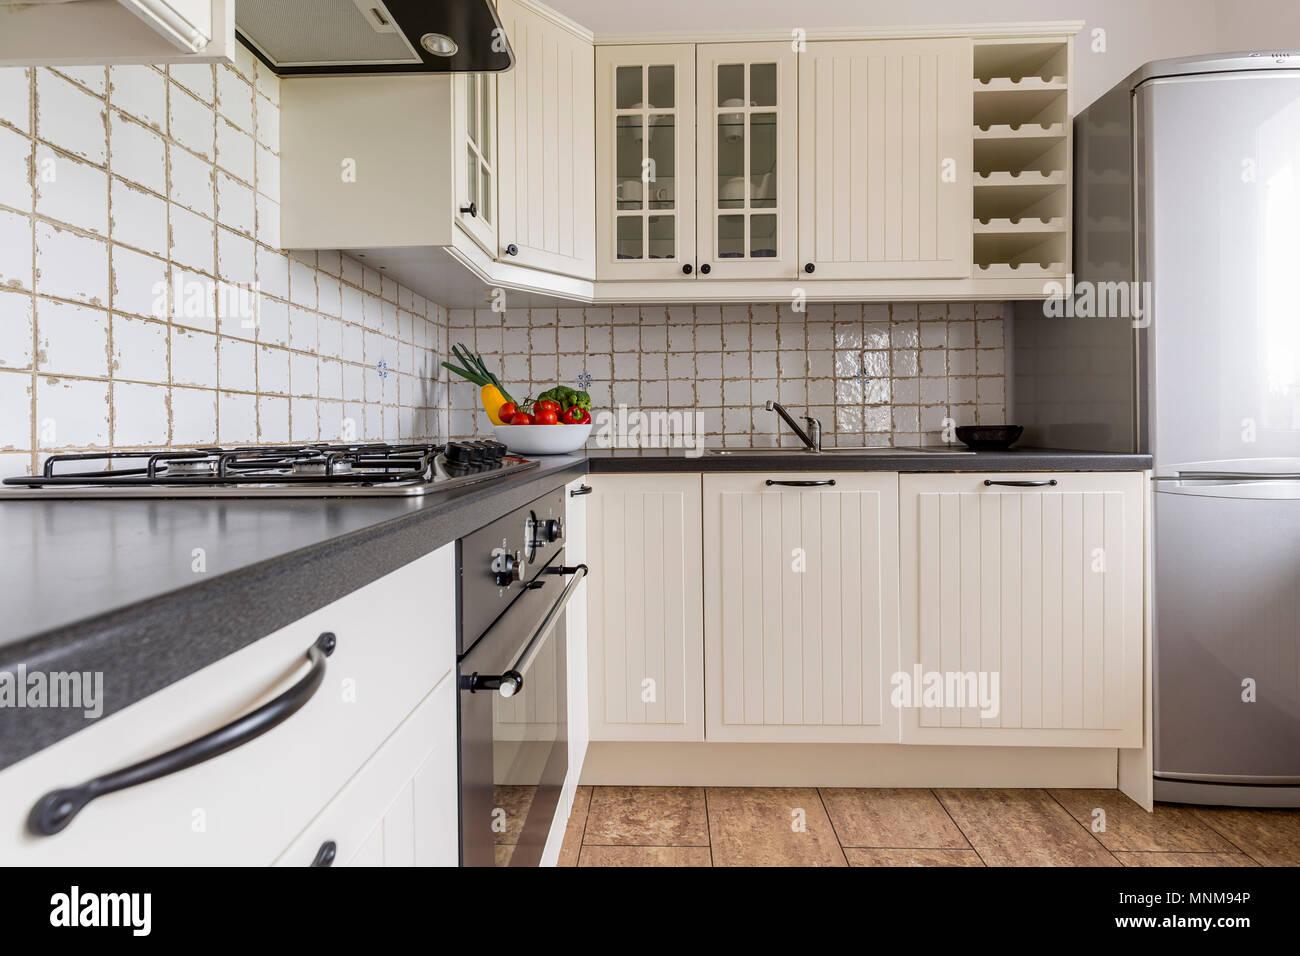 Luz blanca cocina con muebles de madera maciza y encimera. Foto de stock